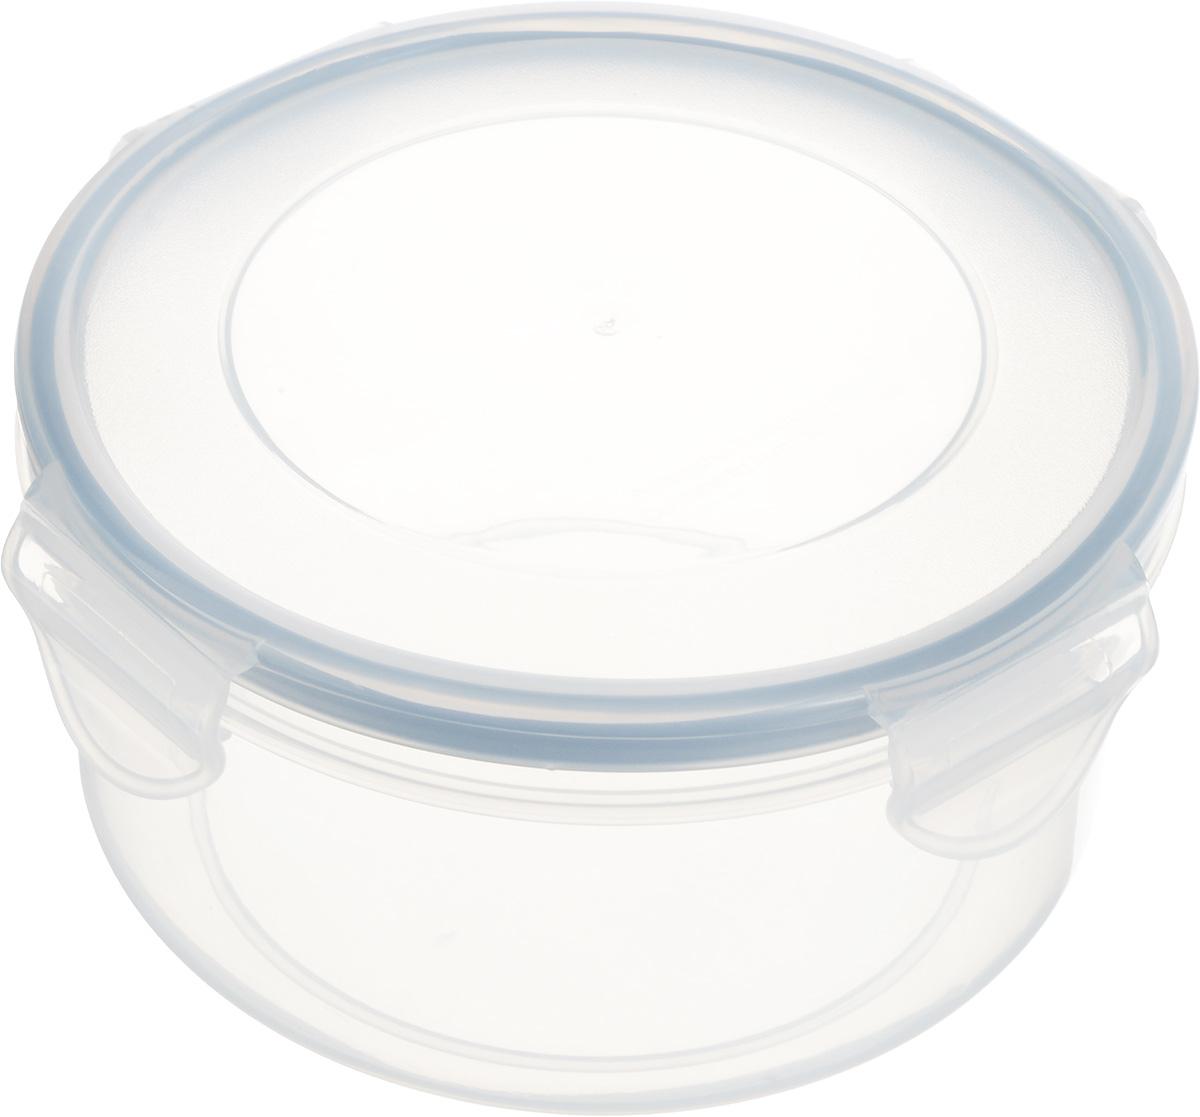 Контейнер Tescoma Freshbox, круглый, 0,8л892112Круглый контейнер Tescoma Freshbox изготовлен из высококачественного пластика. Изделие идеально подходит не только для хранения, но и для транспортировки пищи. Контейнер имеет крышку, которая плотно закрывается на 4 защелки и оснащена специальной силиконовой прослойкой, предотвращающей проникновение влаги и запахов. Изделие подходит для домашнего использования, для пикников, поездок, отдыха на природе, его можно взять с собой на работу или учебу. Можно использовать в СВЧ-печах, холодильниках и морозильных камерах. Можно мыть в посудомоечной машине.Диаметр контейнера (без учета крышки): 14 см. Высота контейнера (без учета крышки): 7 см.